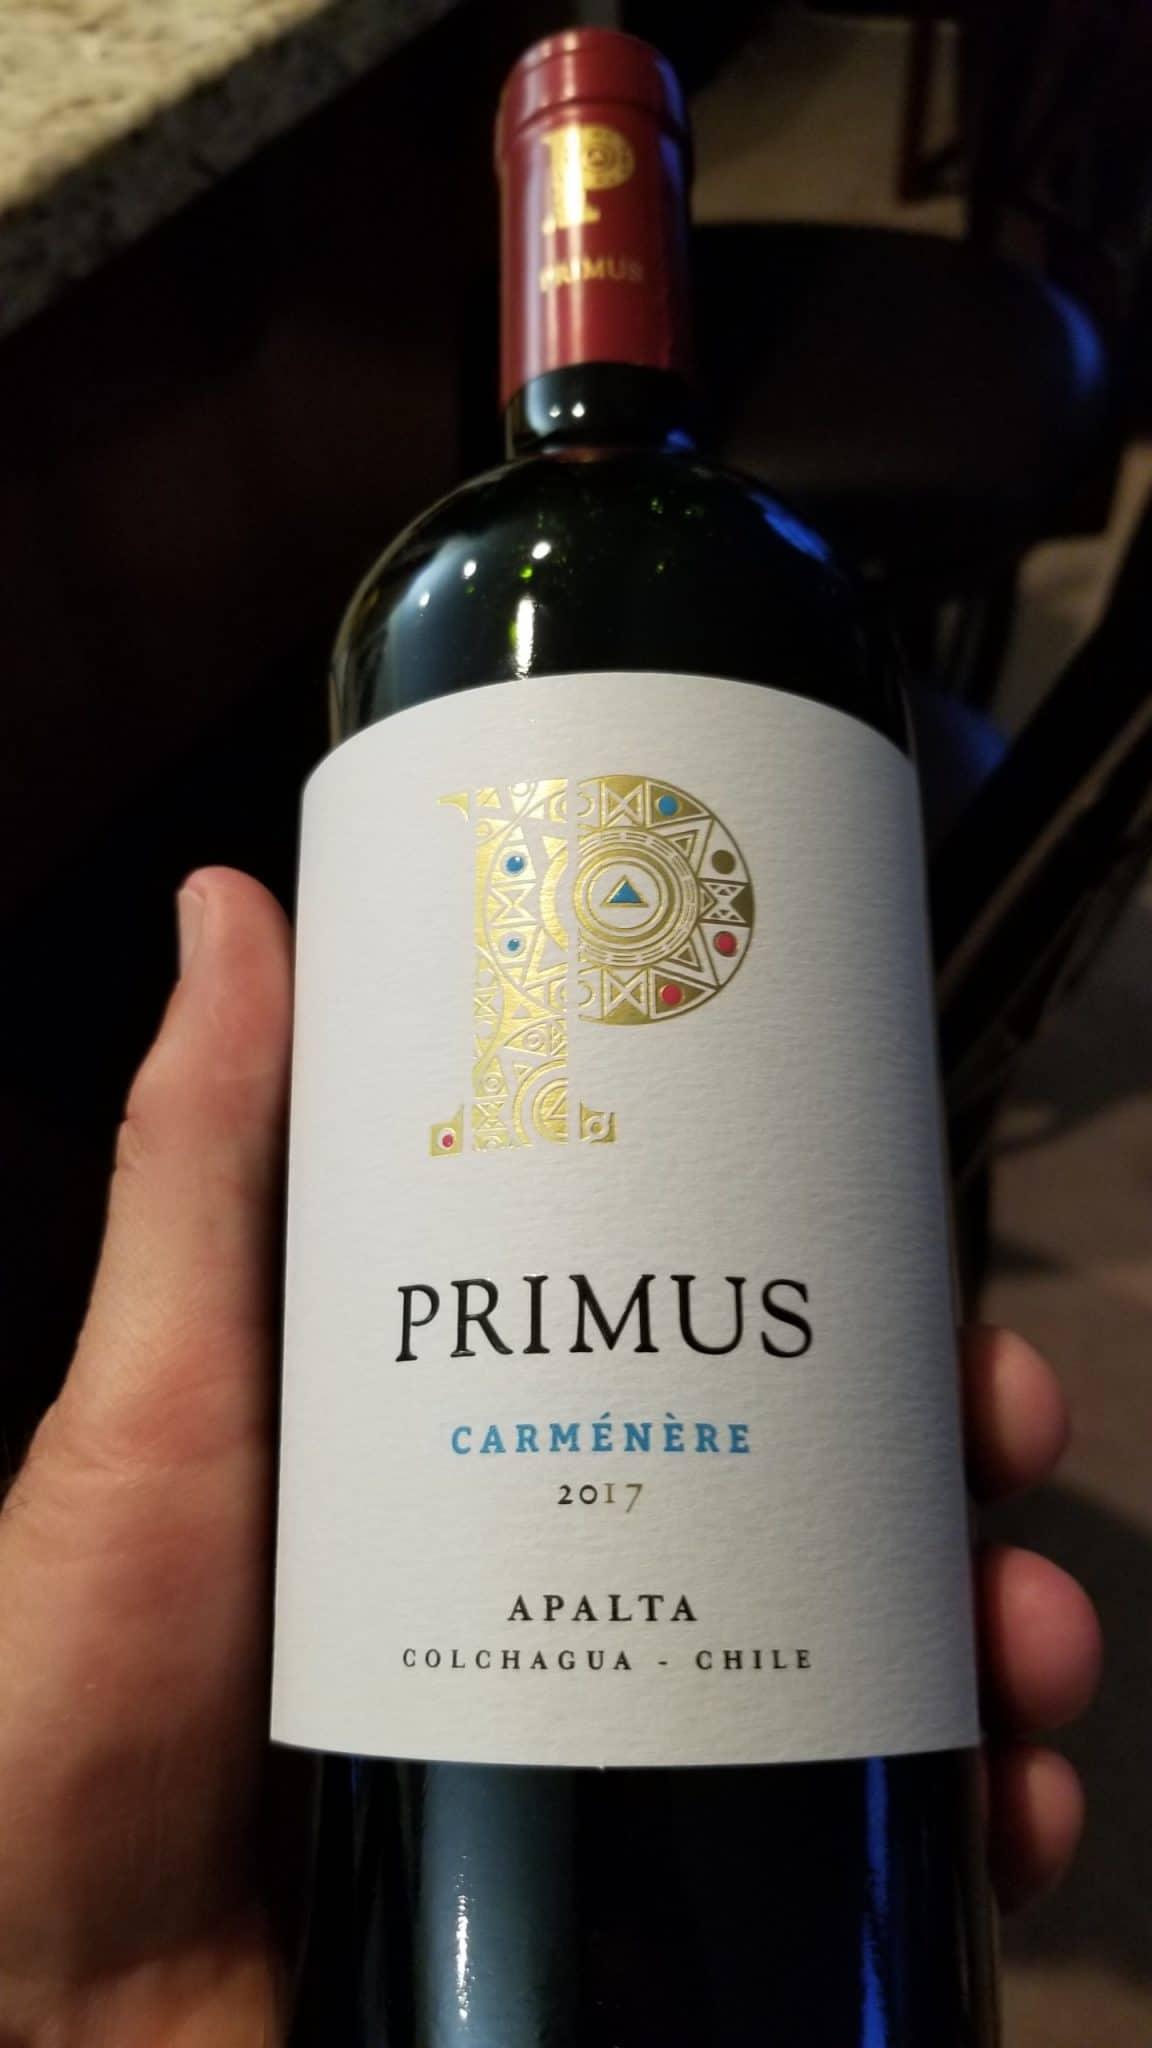 $19.95 - Primus Carmenere 2017